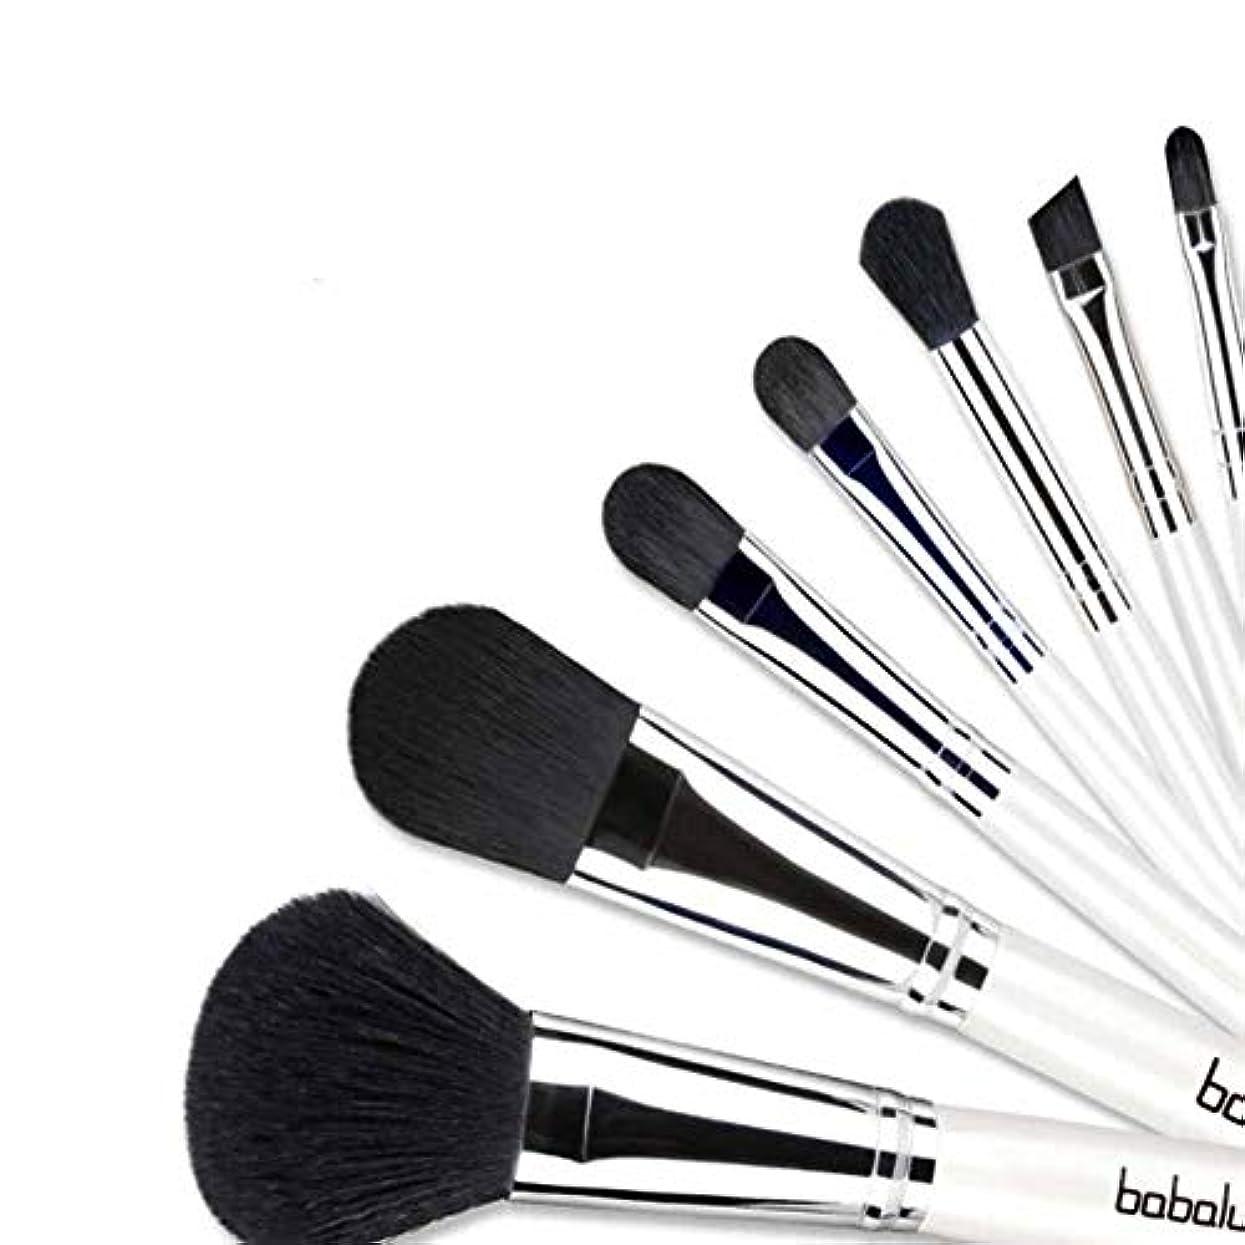 縮約乙女全くTUOFL メイクブラシは、7パックメイクブラシセット、初心者のプロフェッショナルツール用のチューブに取り付けられたメイクブラシ、ソフト剛毛は、三次元の美しさ、黒、白の概要 (Color : White)